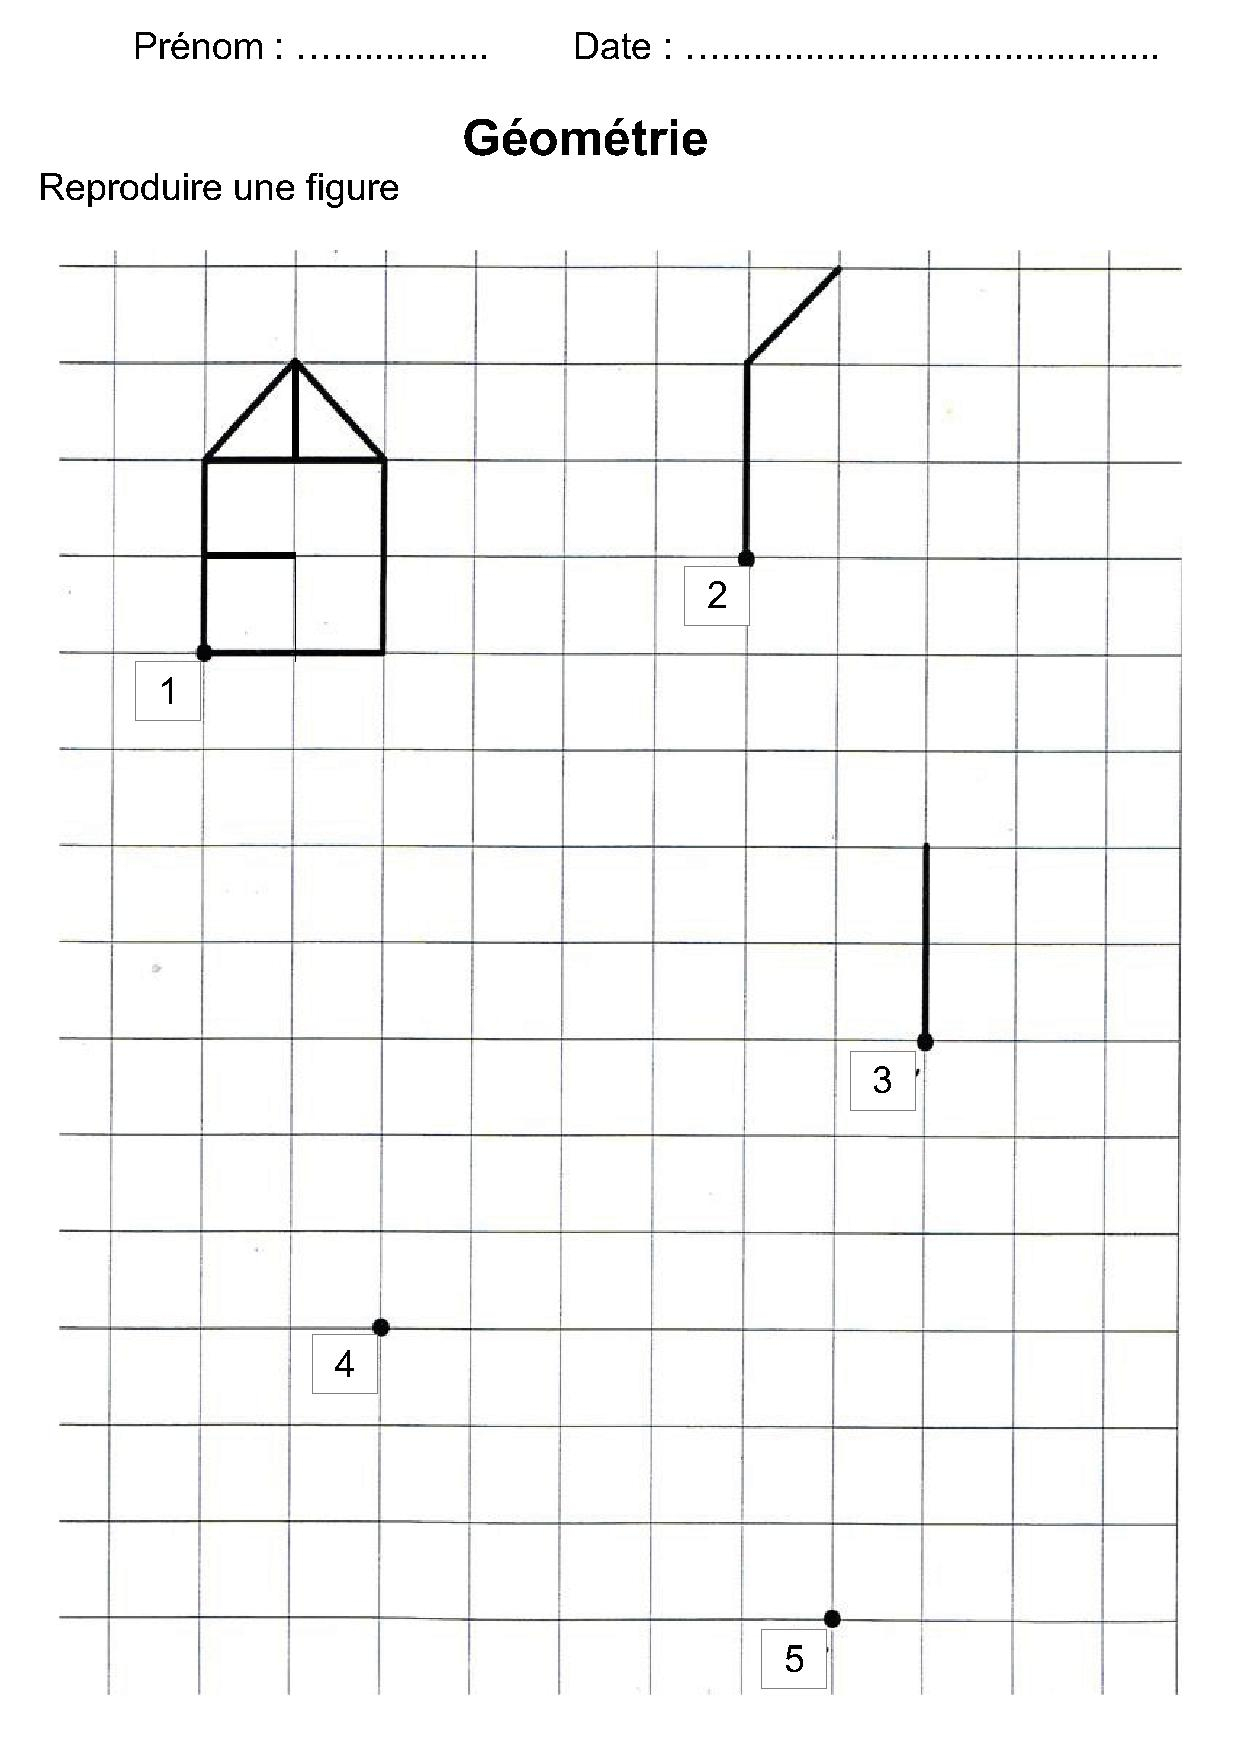 Géométrie Ce1,ce2,la Symétrie,reproduire Une Figure dedans Figures Géométriques Ce1